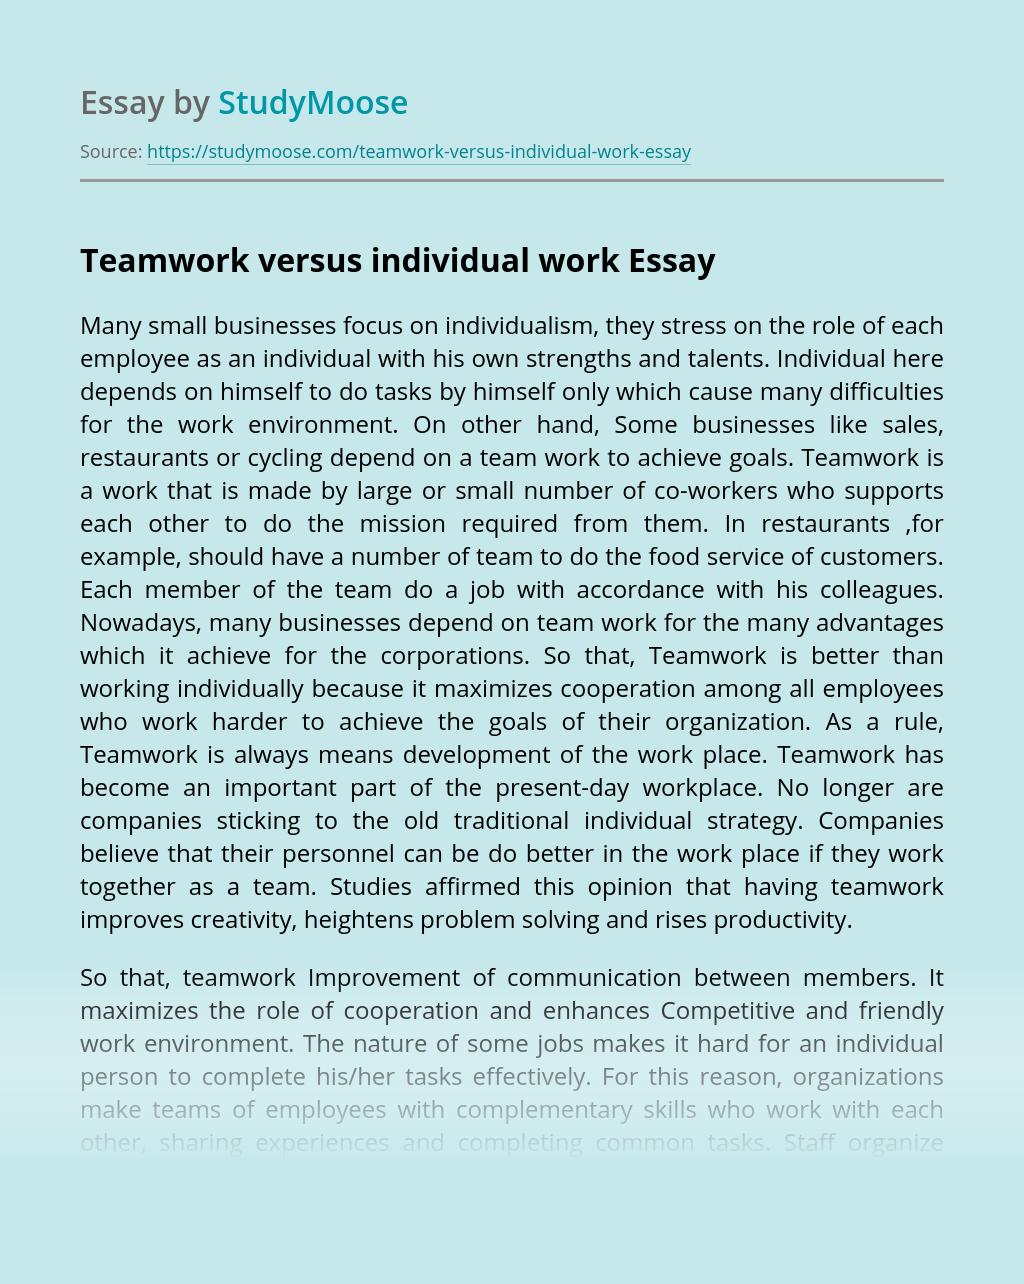 Teamwork versus individual work